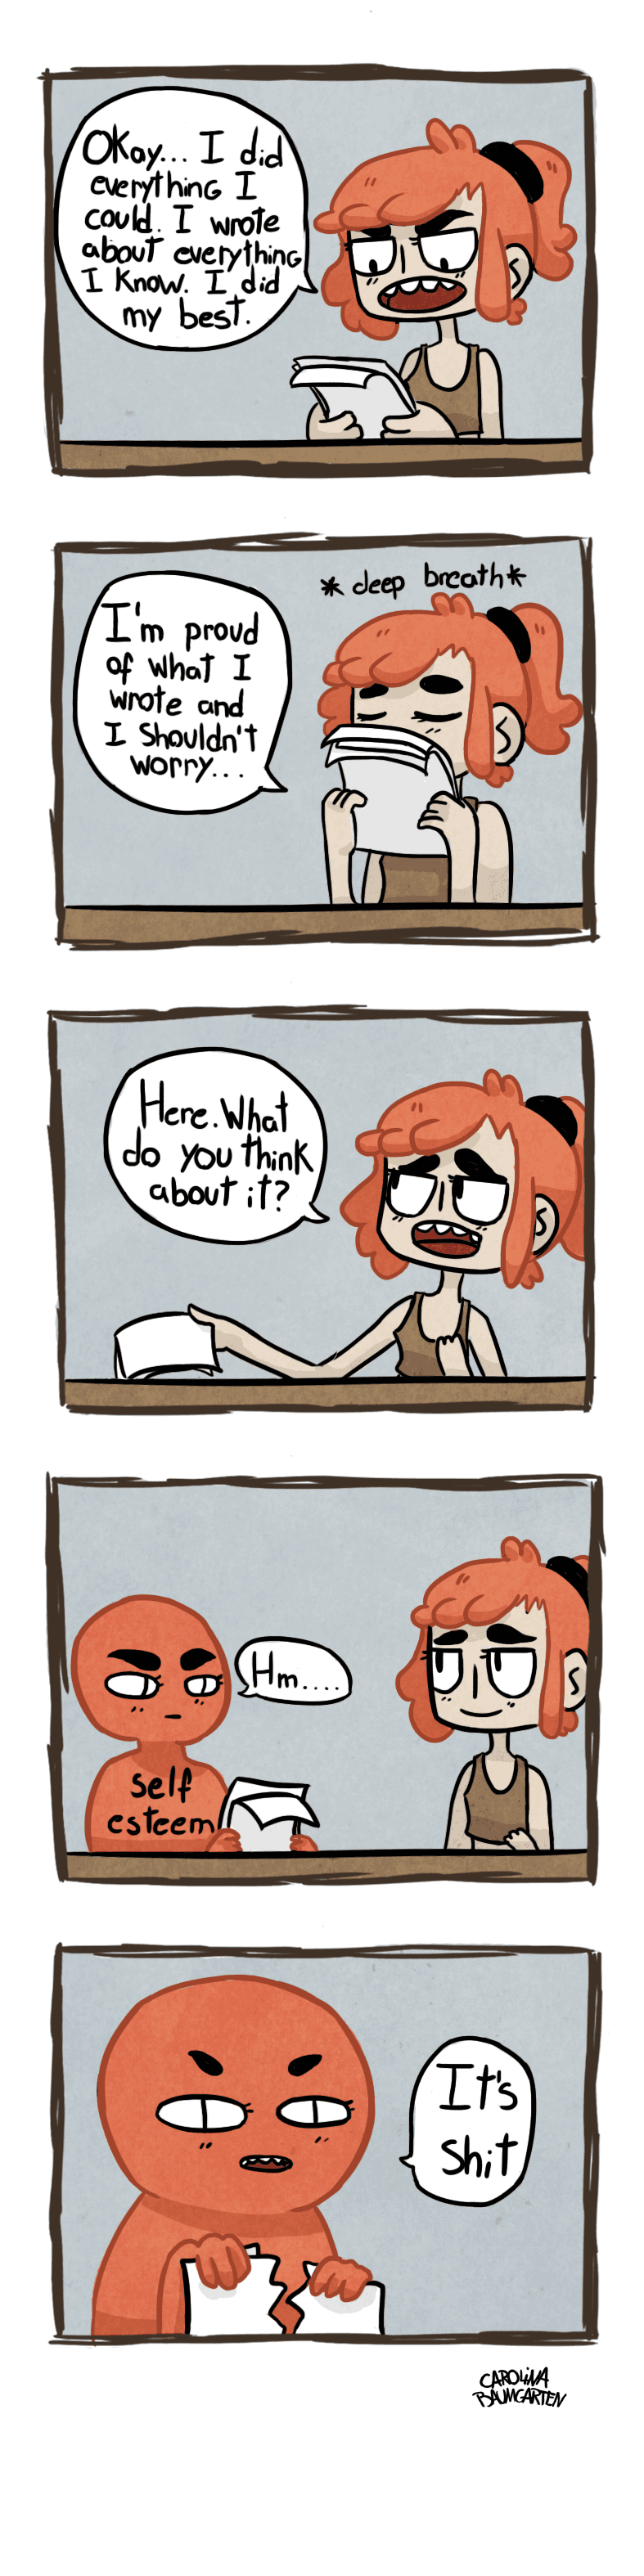 Coffee Shit Tapastic Comics Comics, Funny comics, Funny